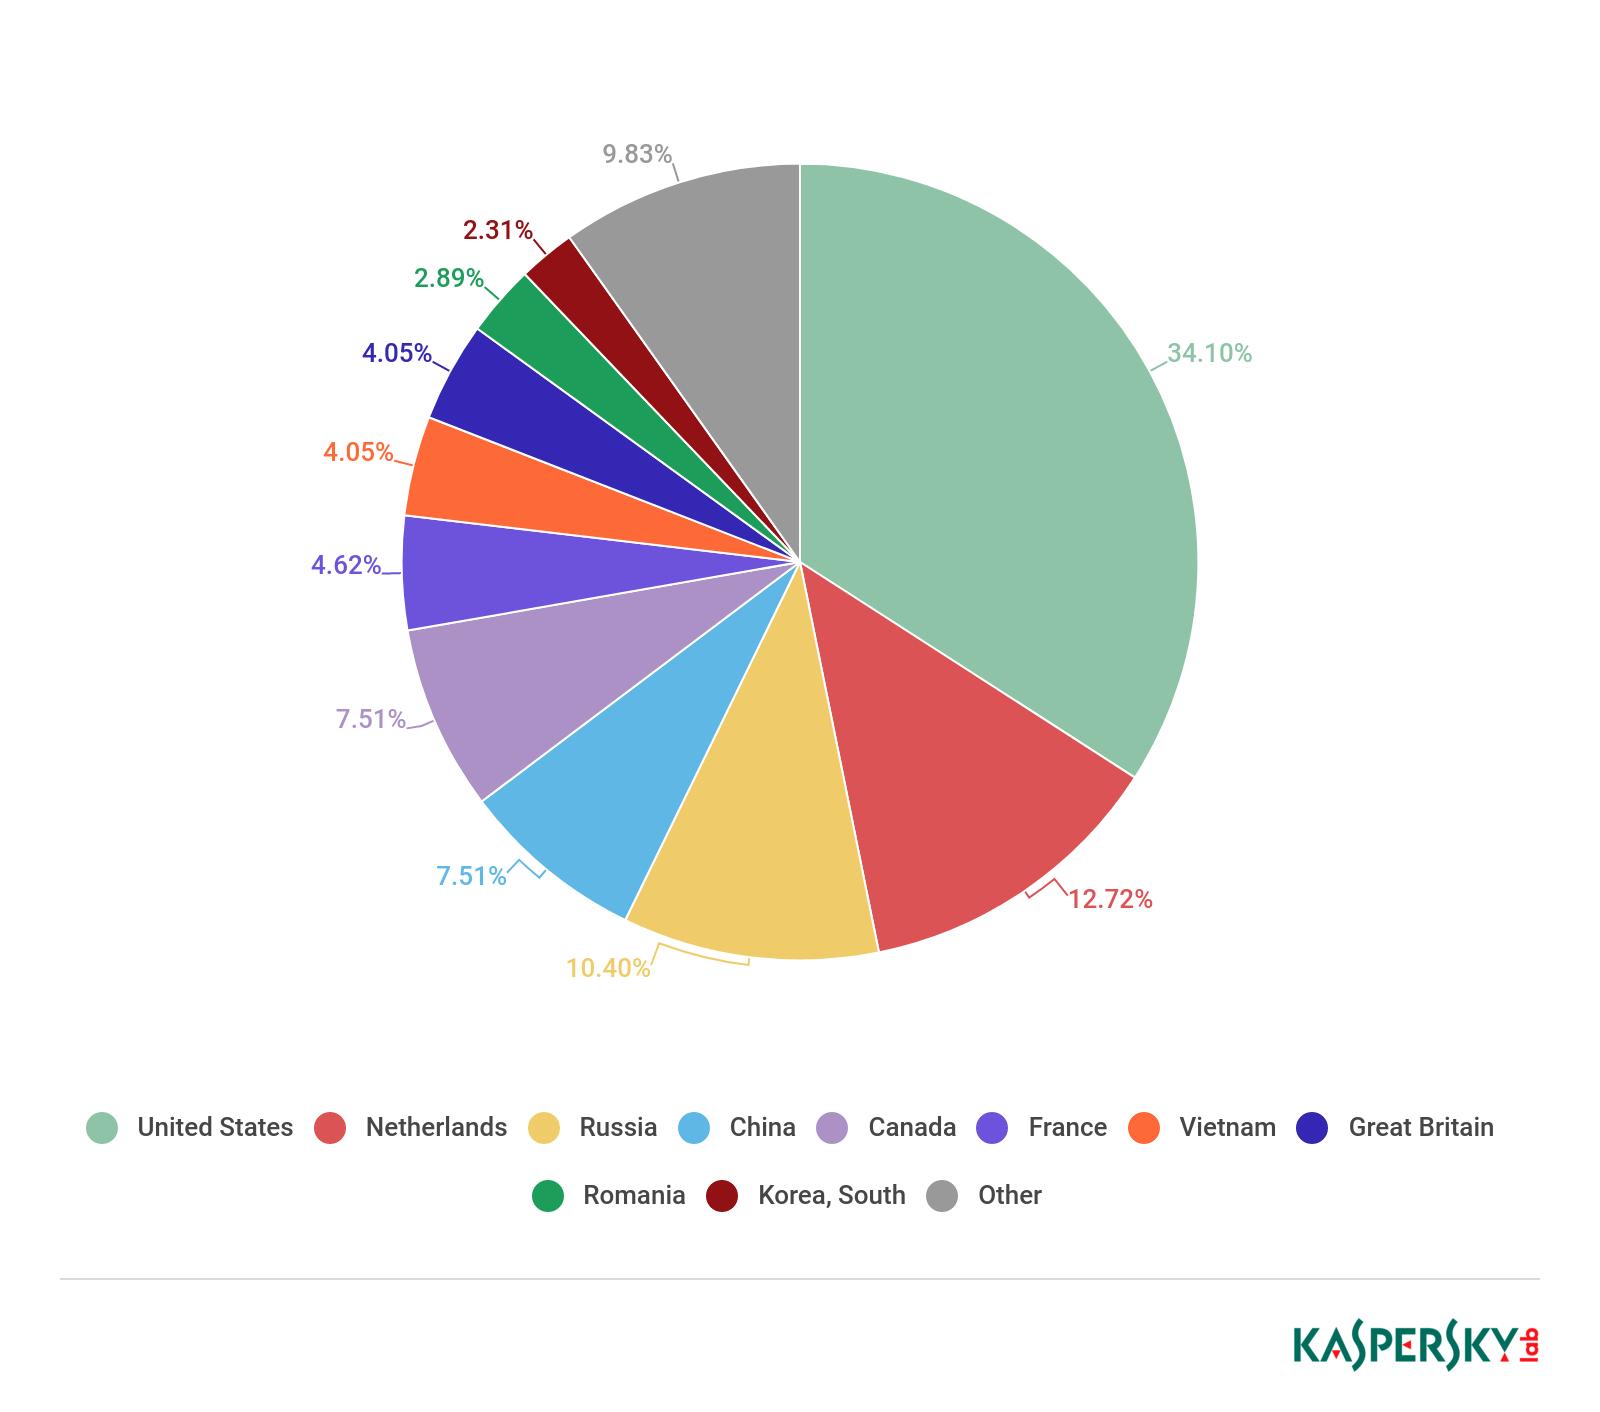 Topul țărilor cu cel mai mare număr de servere C&C folosite pentru atacuri DDoS